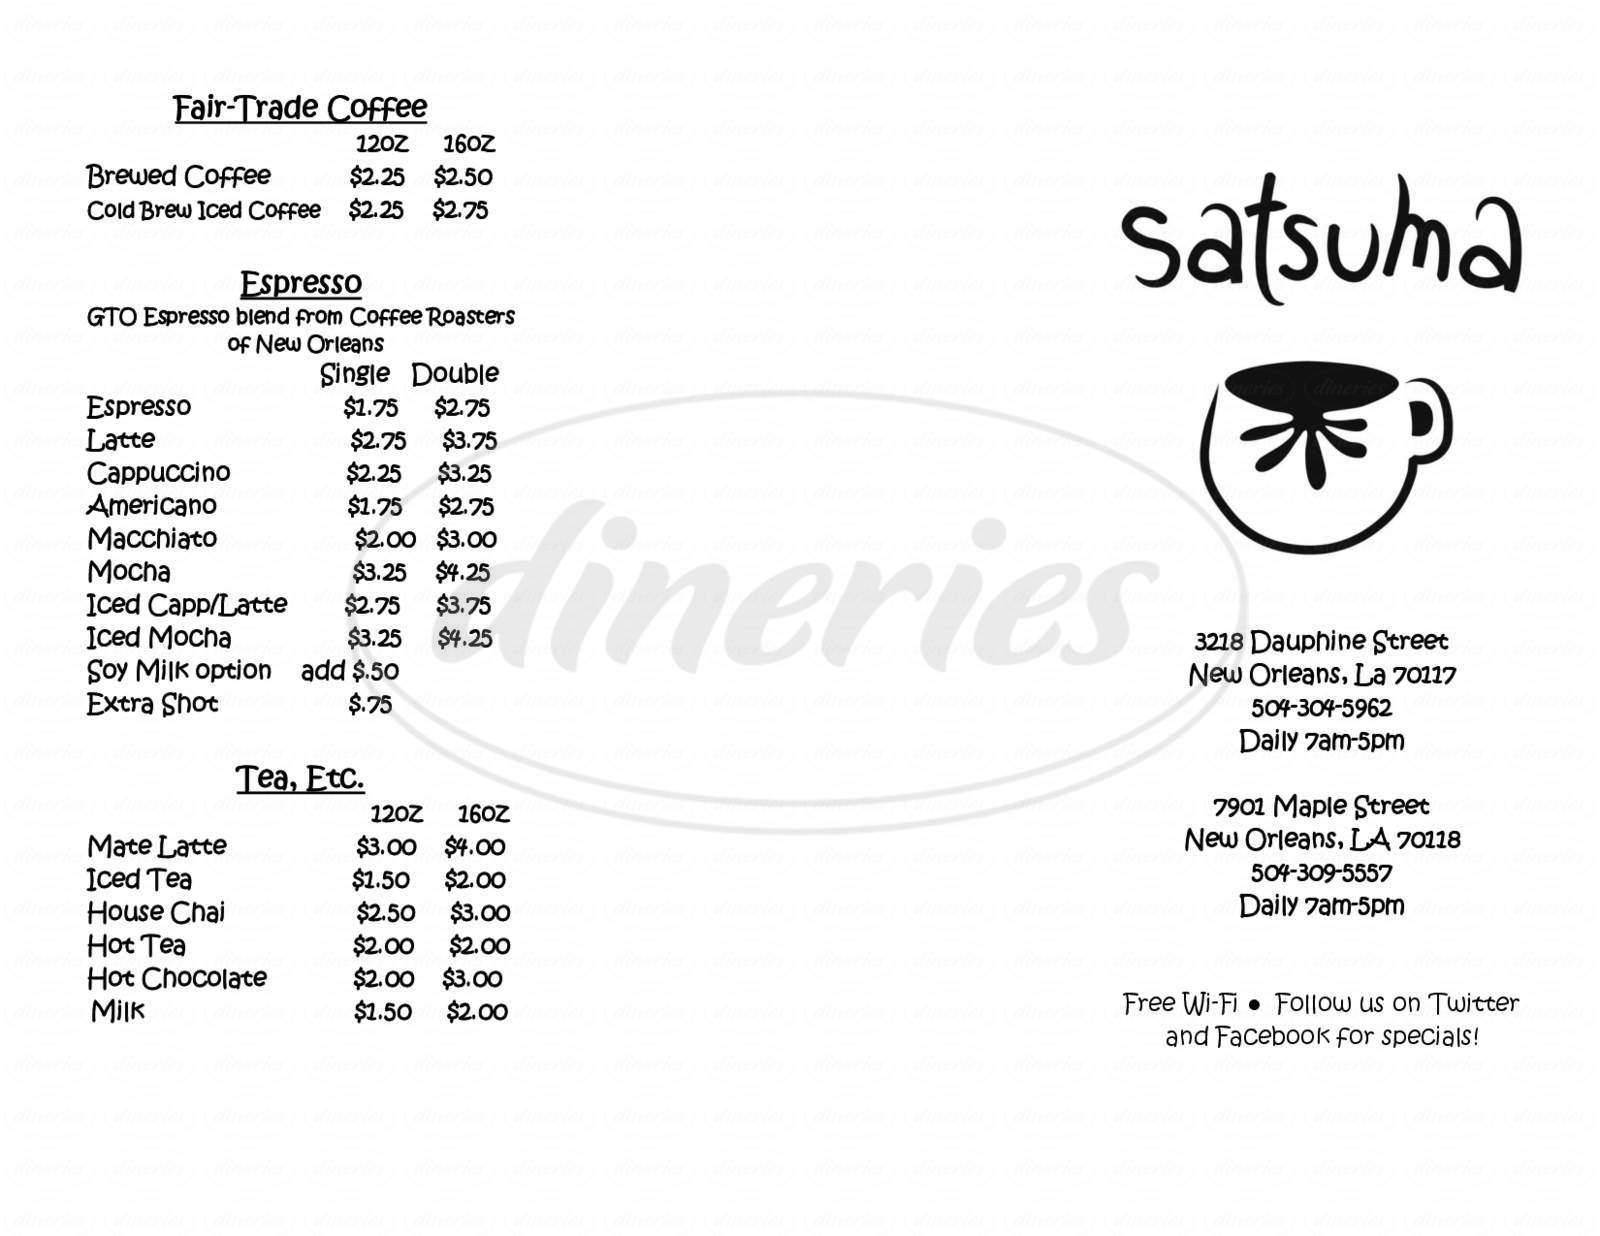 menu for Satsuma Café